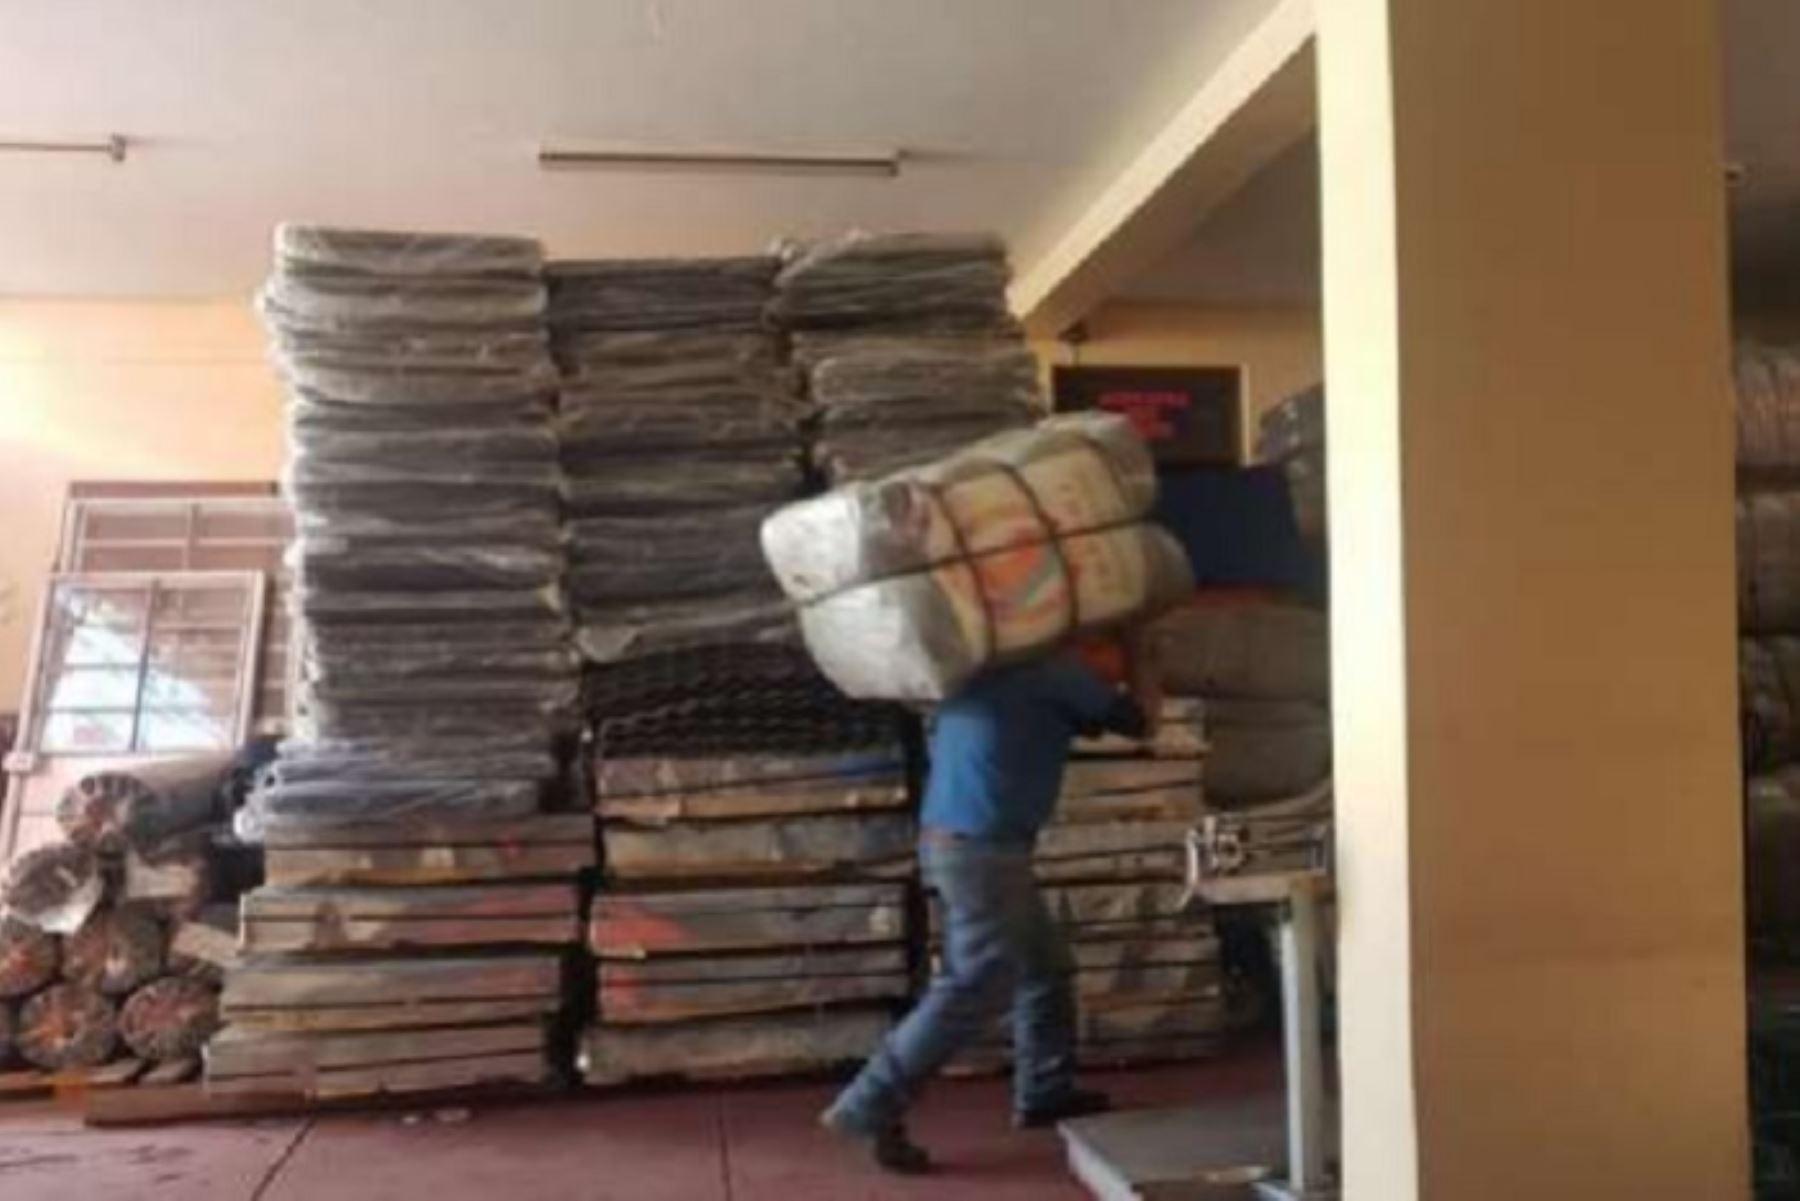 Ayuda se distribuirá entre la población afectada en zonas altoandinas de Apurímac, Ayacucho, Arequipa, Cusco, Huancavelica, Huánuco, Junín, Moquegua, Pasco, Puno y Tacna.